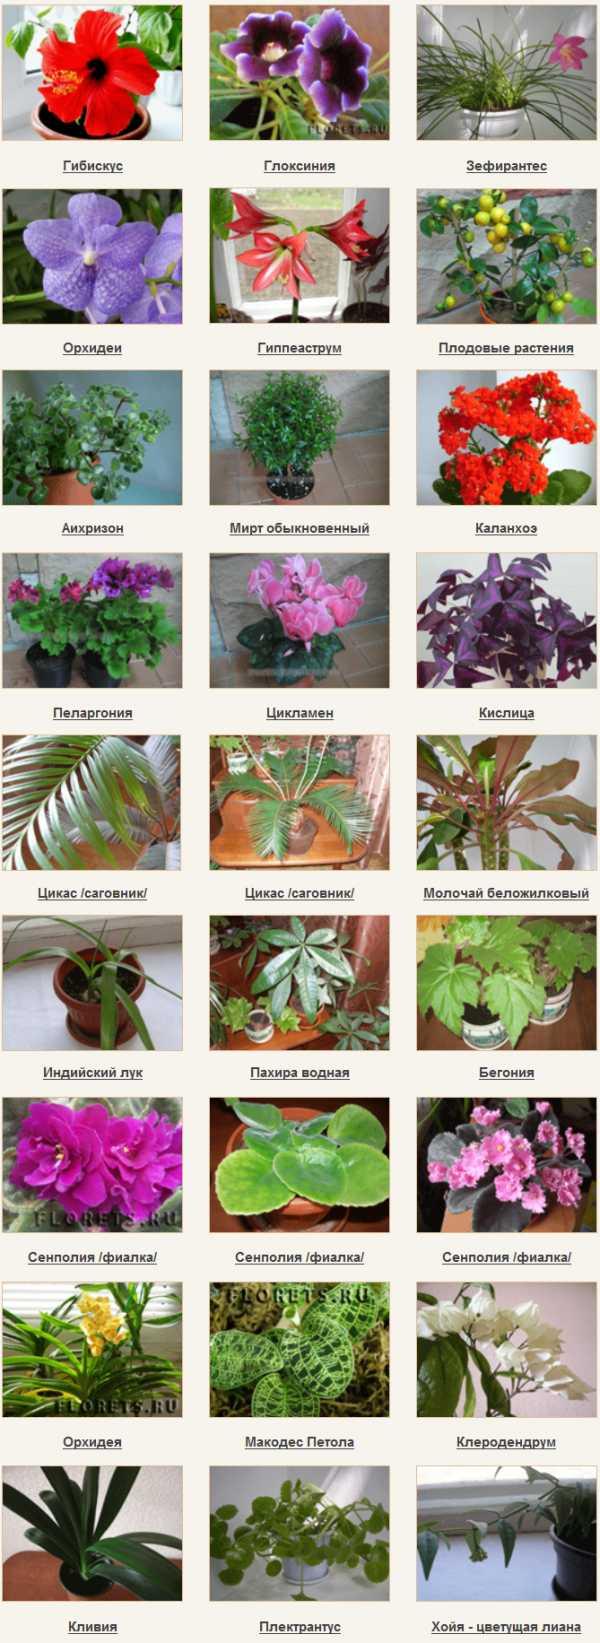 Цветы картинки комнатные и название фото